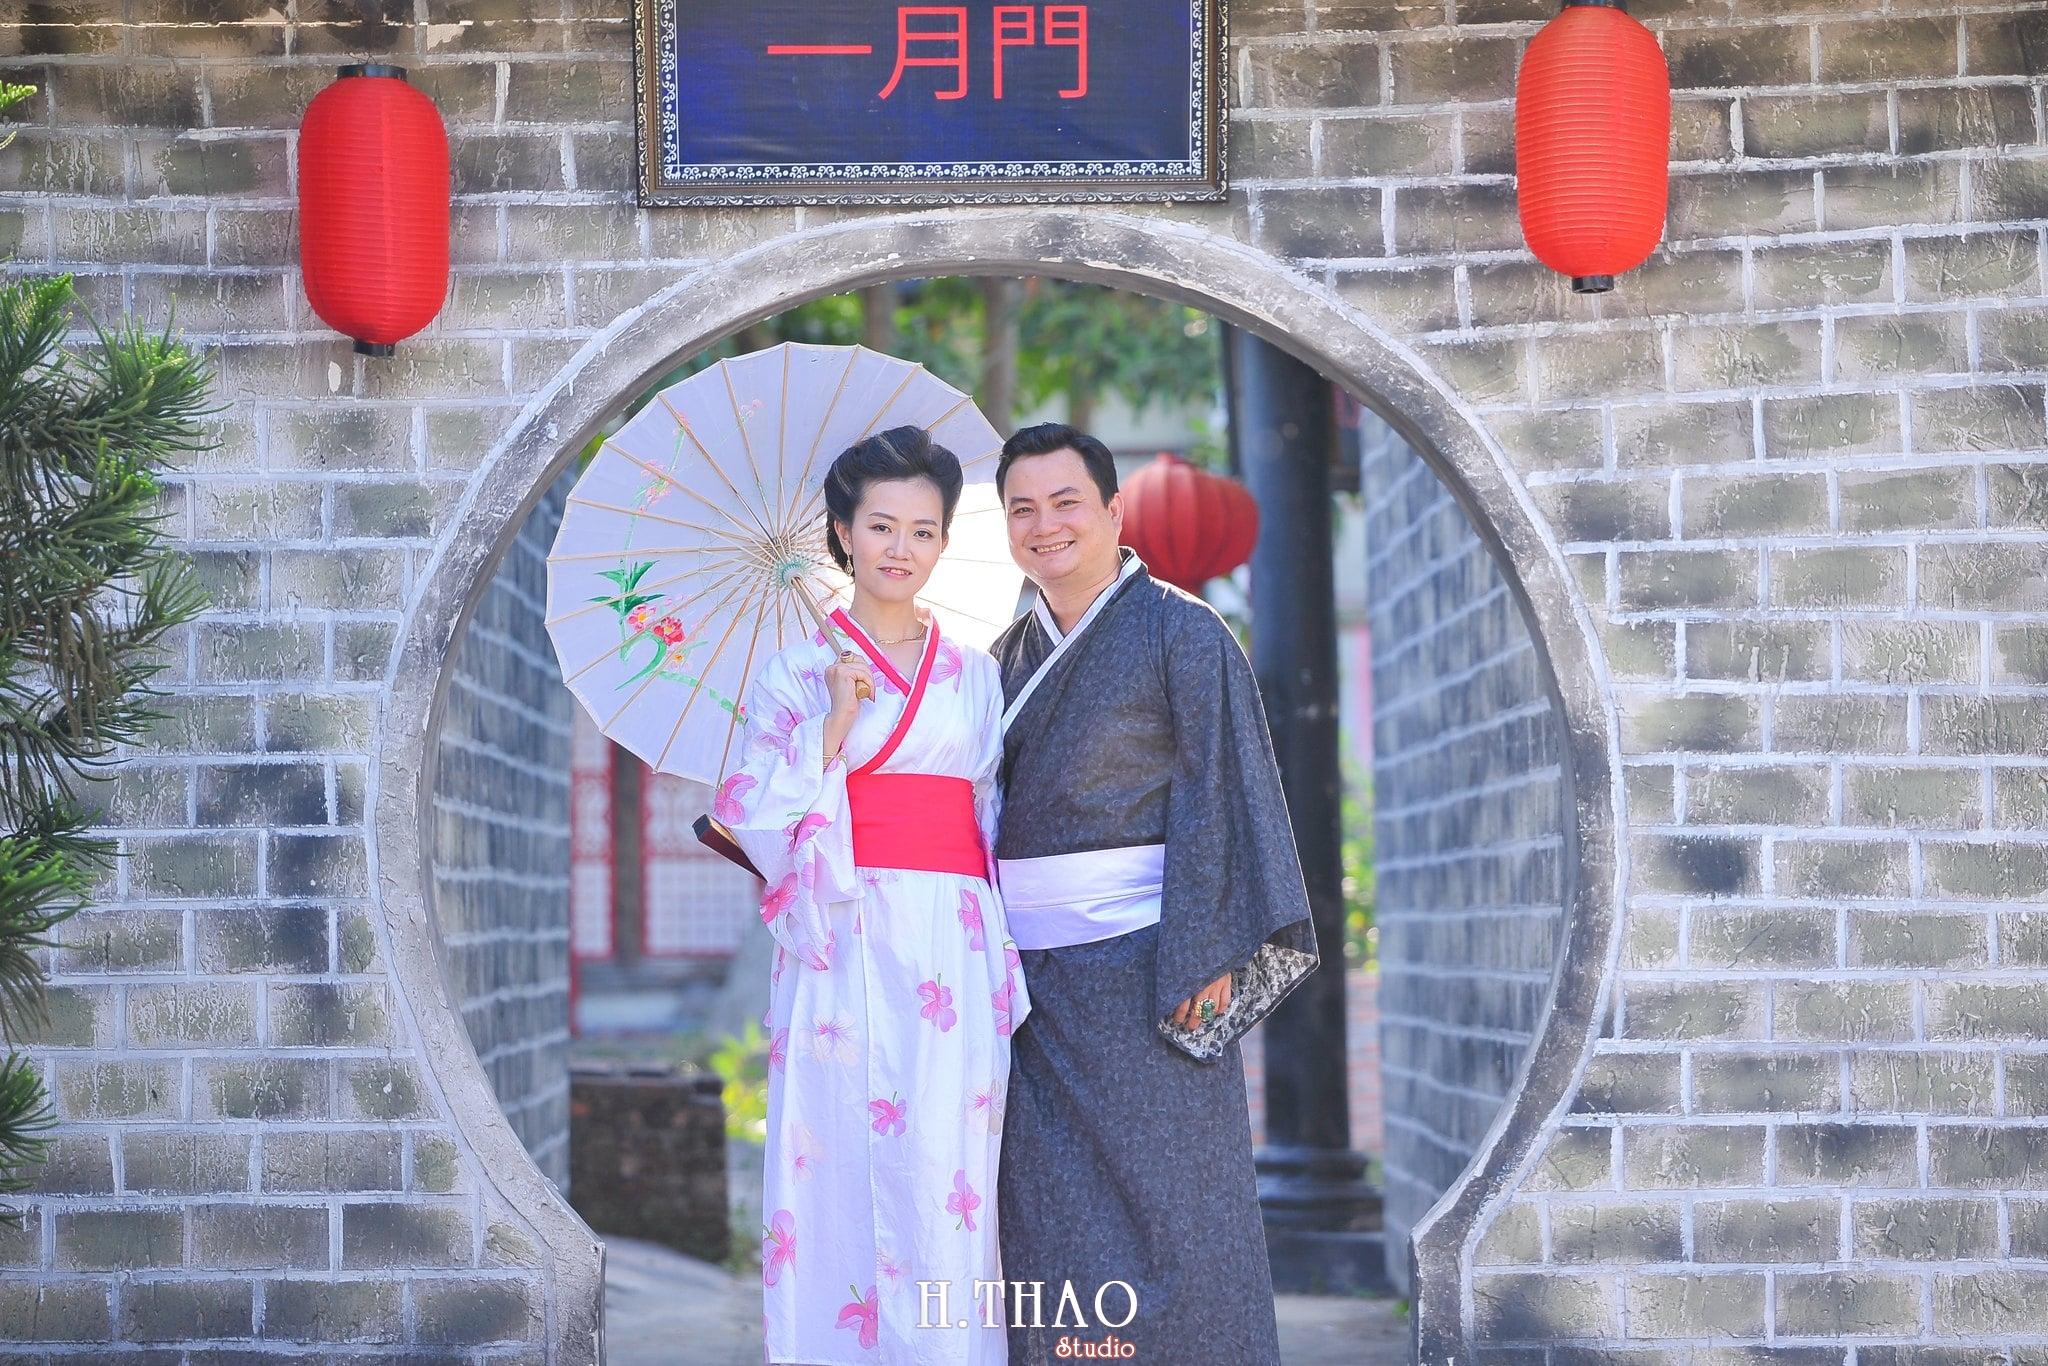 Anh chup voi Kimono 1 - Bộ ảnh couple chụp với Kimono theo phong cách Nhật Bản